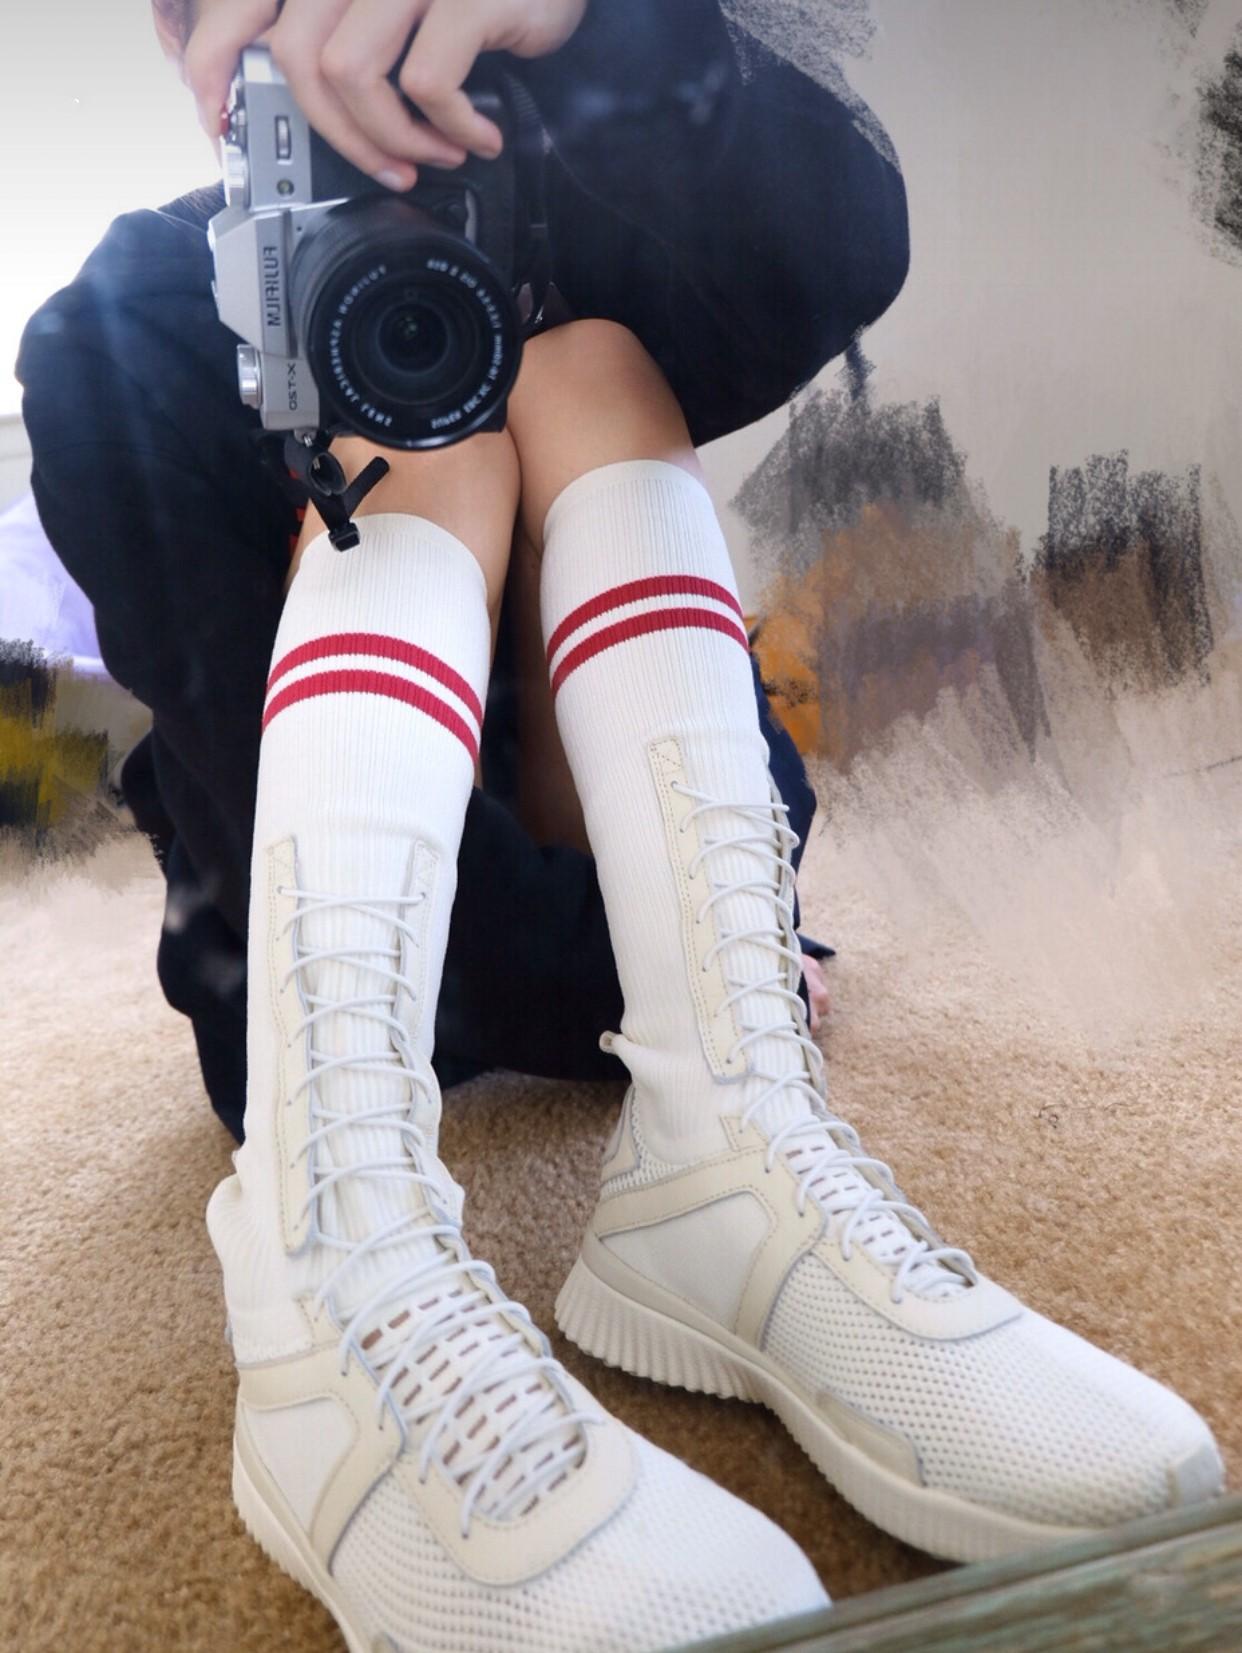 ins超火的鞋子欧美风白红色高帮长筒袜式休闲女鞋学院风运动潮鞋